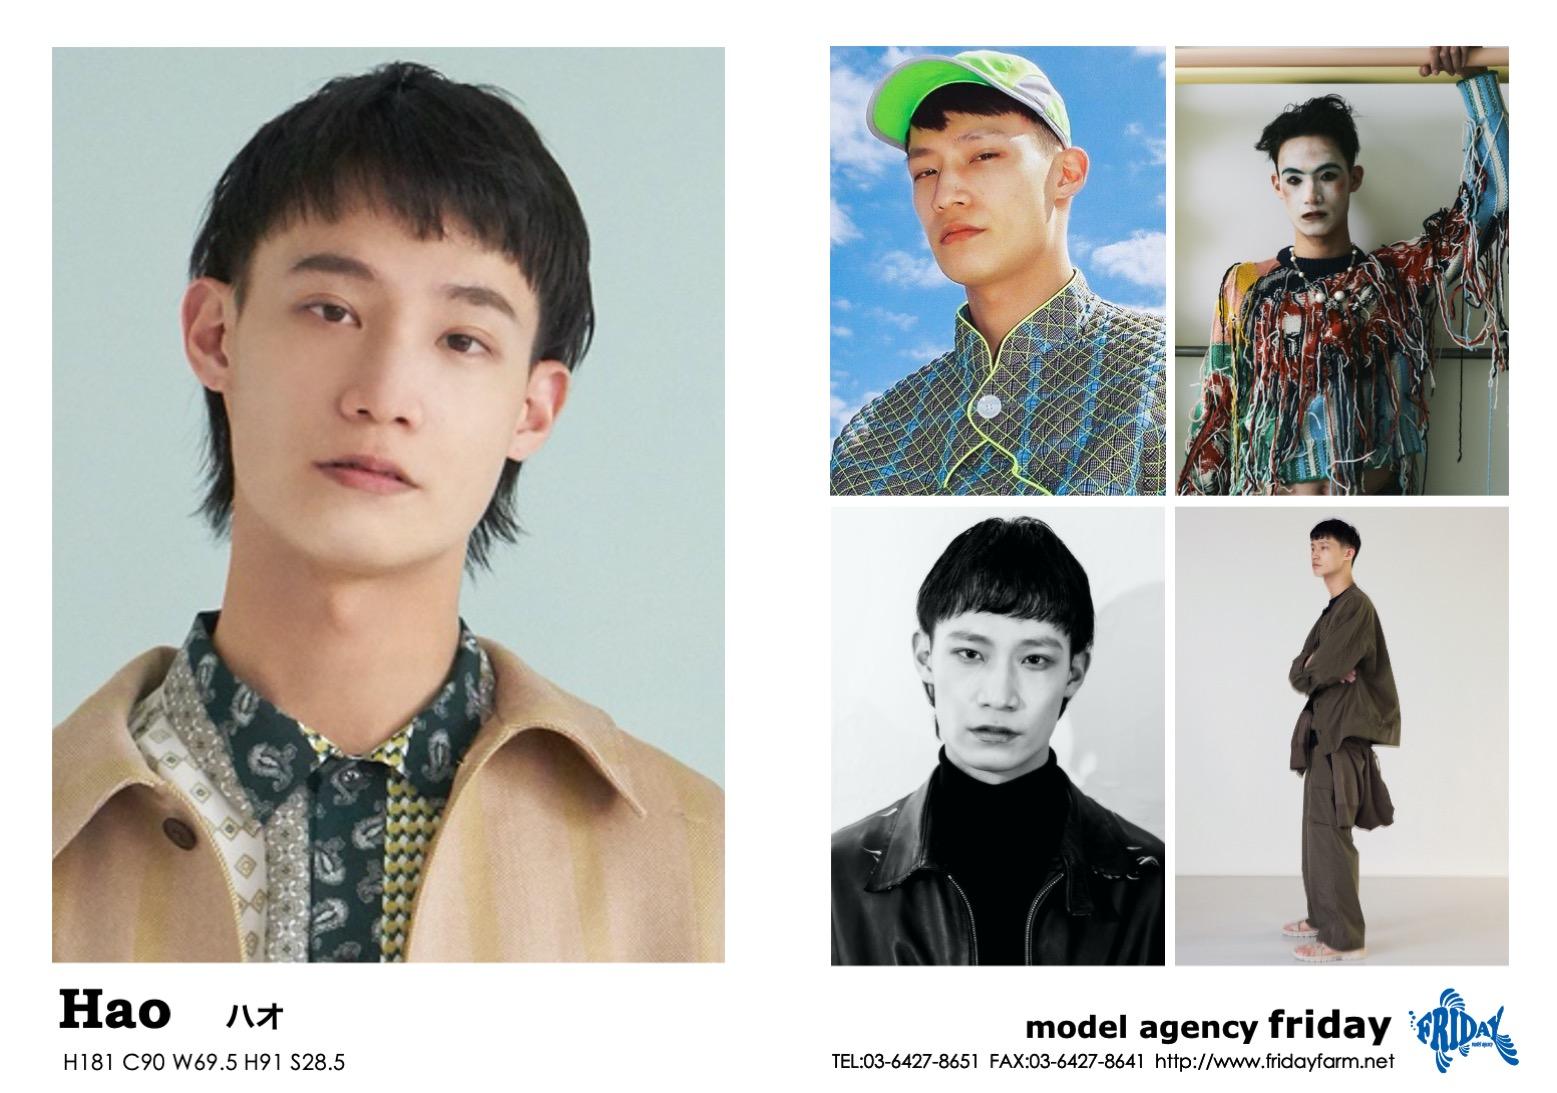 Hao - ハオ | model agency friday